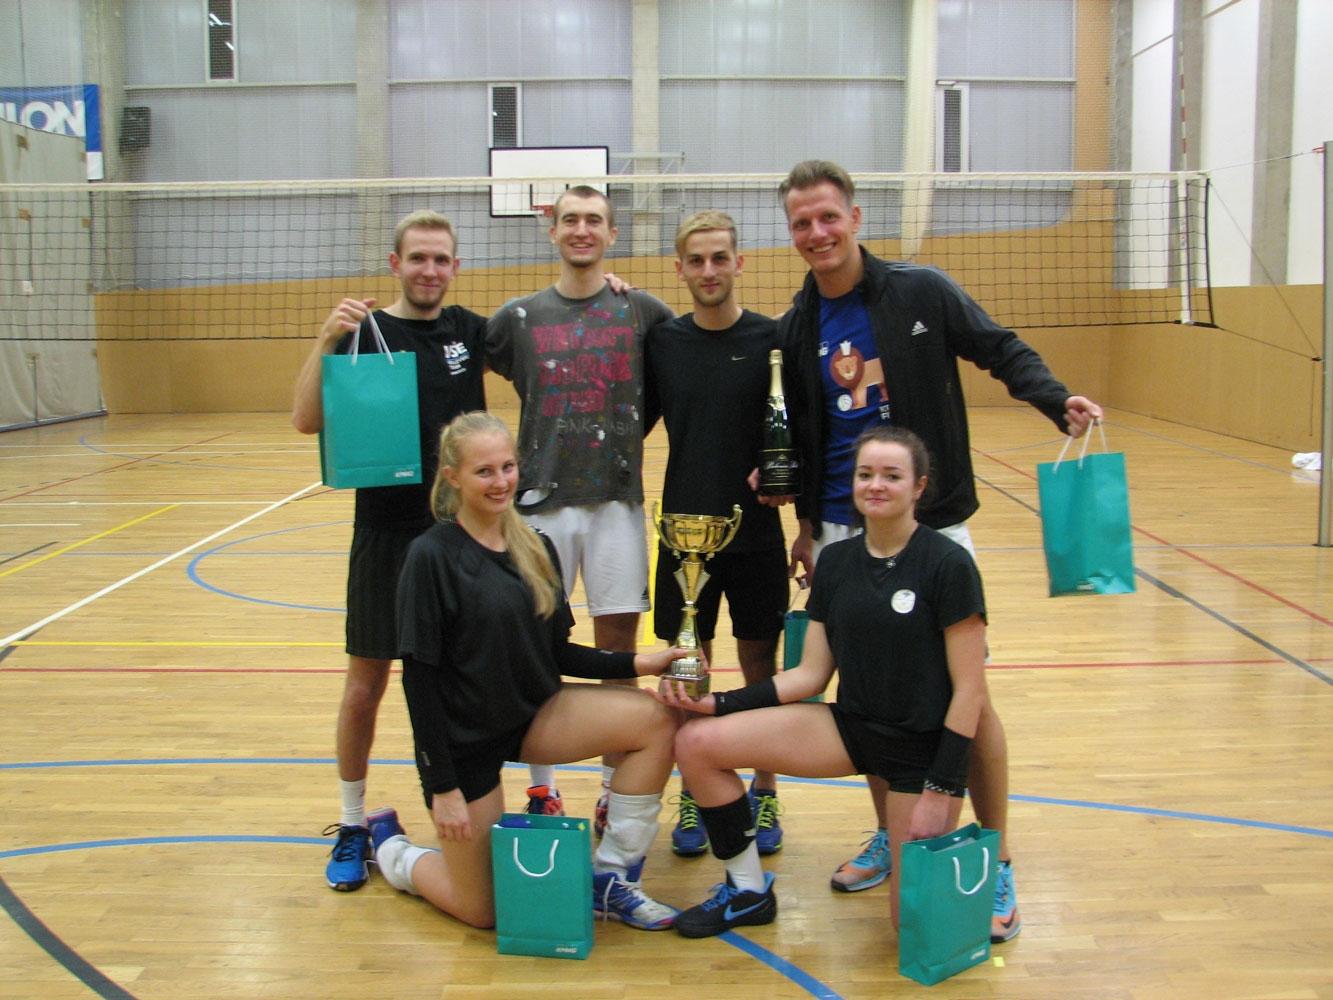 Volejbalové ukončení ZS 2017/2018 turnajem KPMG Fit Cup